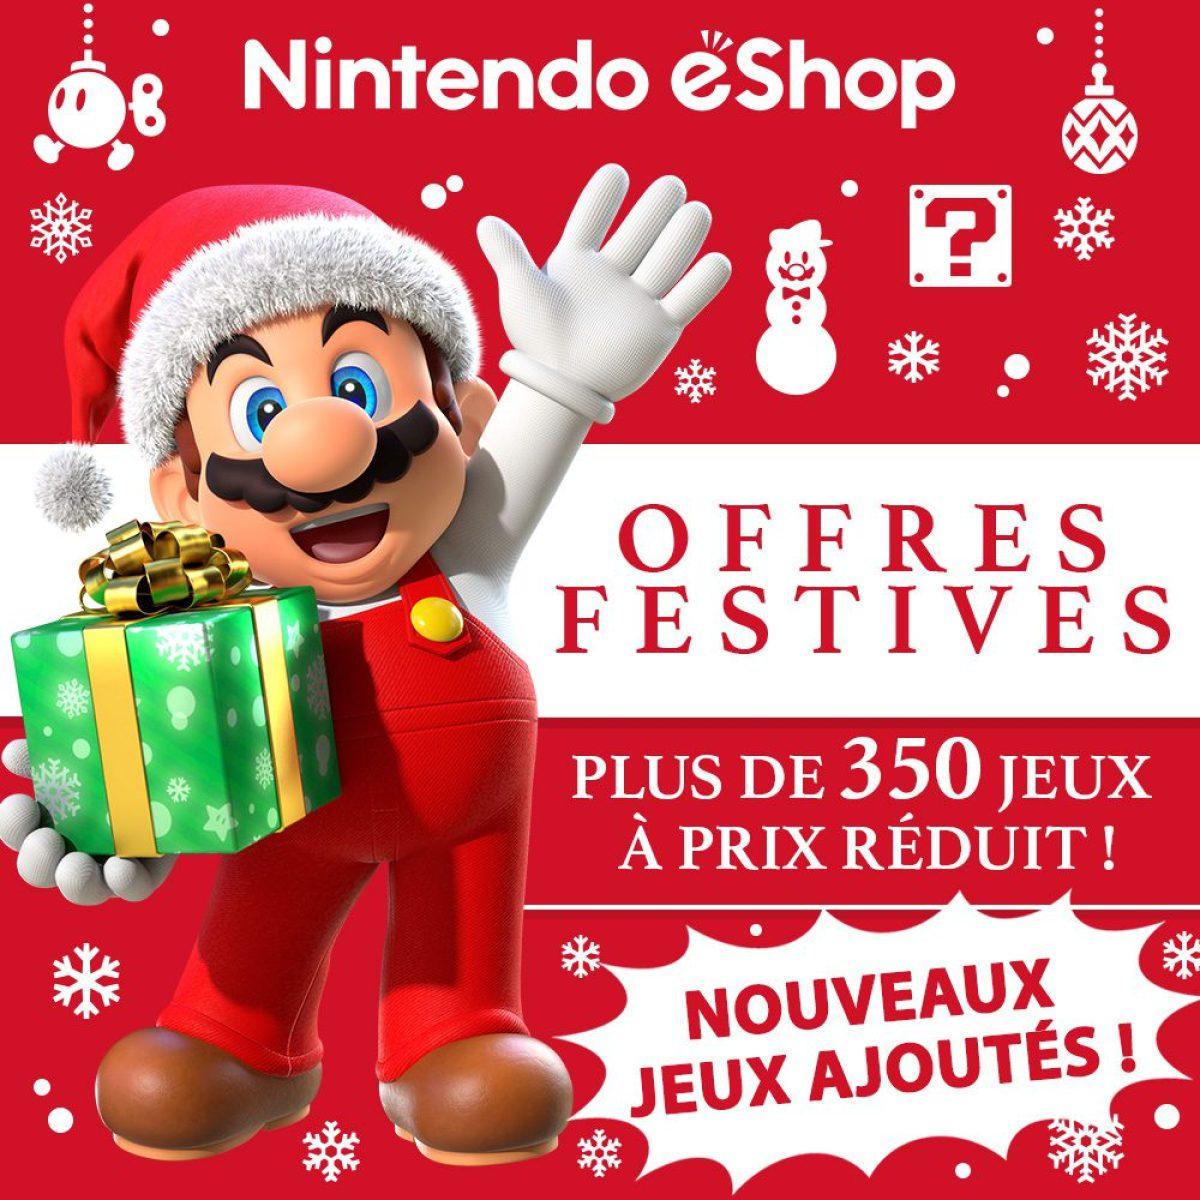 eShop Nintendo : profitez de 350+ promotions sur des jeux dont 84 pour la Switch